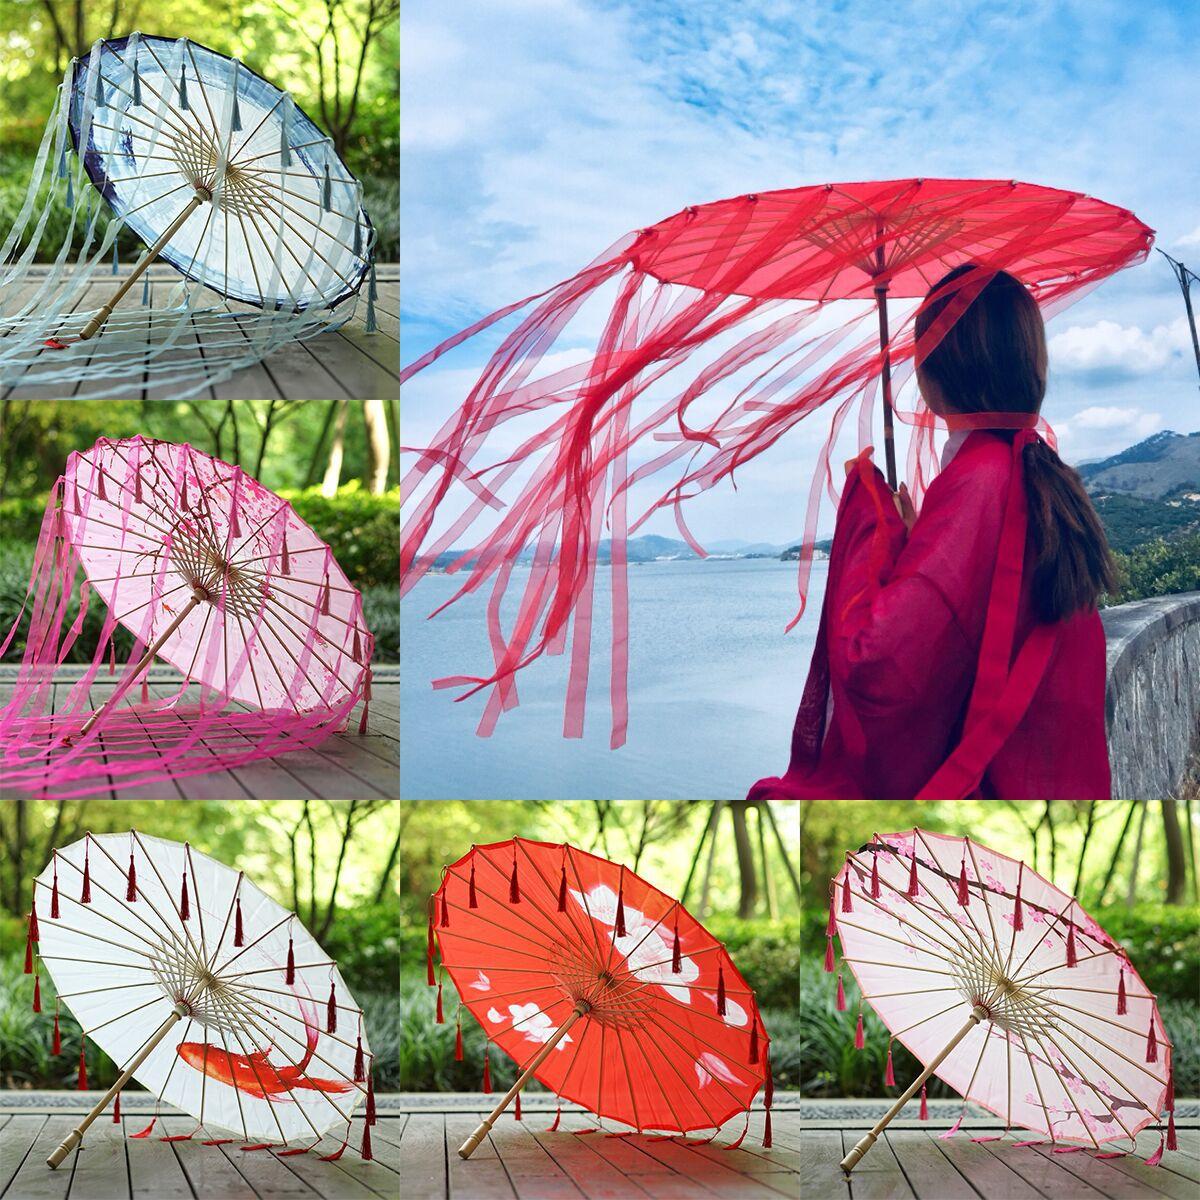 网红流苏伞 工艺伞飘带伞绸布伞 剑网汉服COS伞道具古装动漫伞